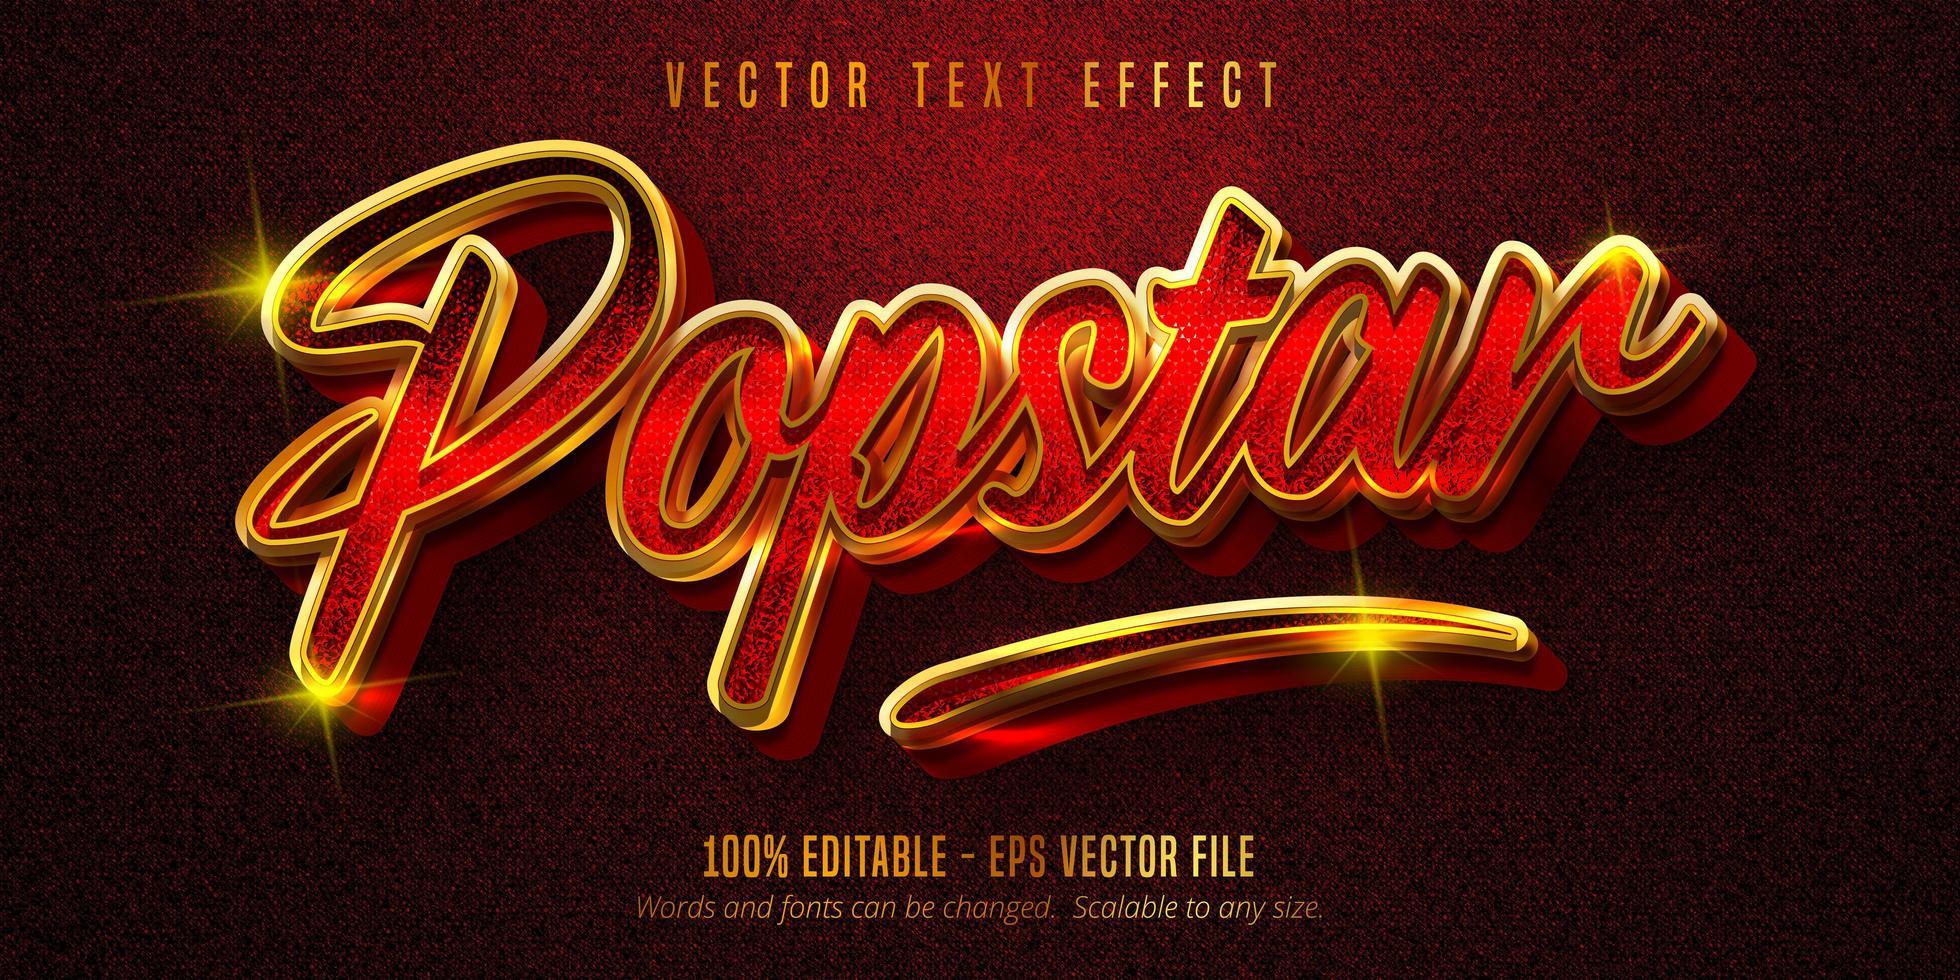 popstar-tekst, glanzend rood en gouden teksteffect vector